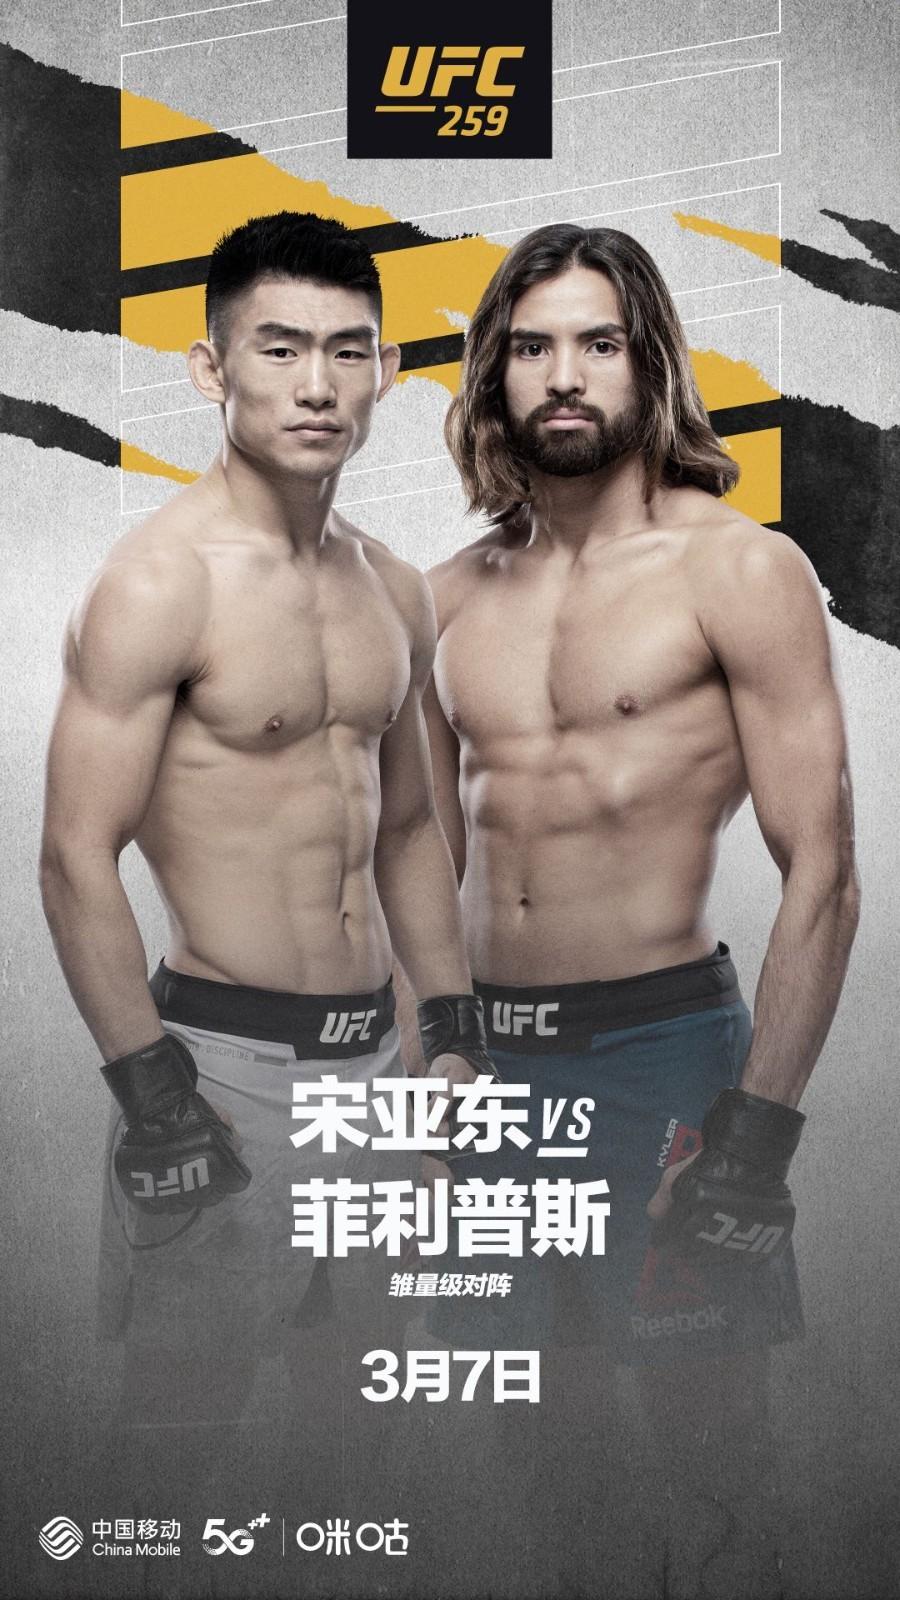 畅享UFC259饕餮格斗盛宴 咪咕视频打造沉浸式直播新玩法